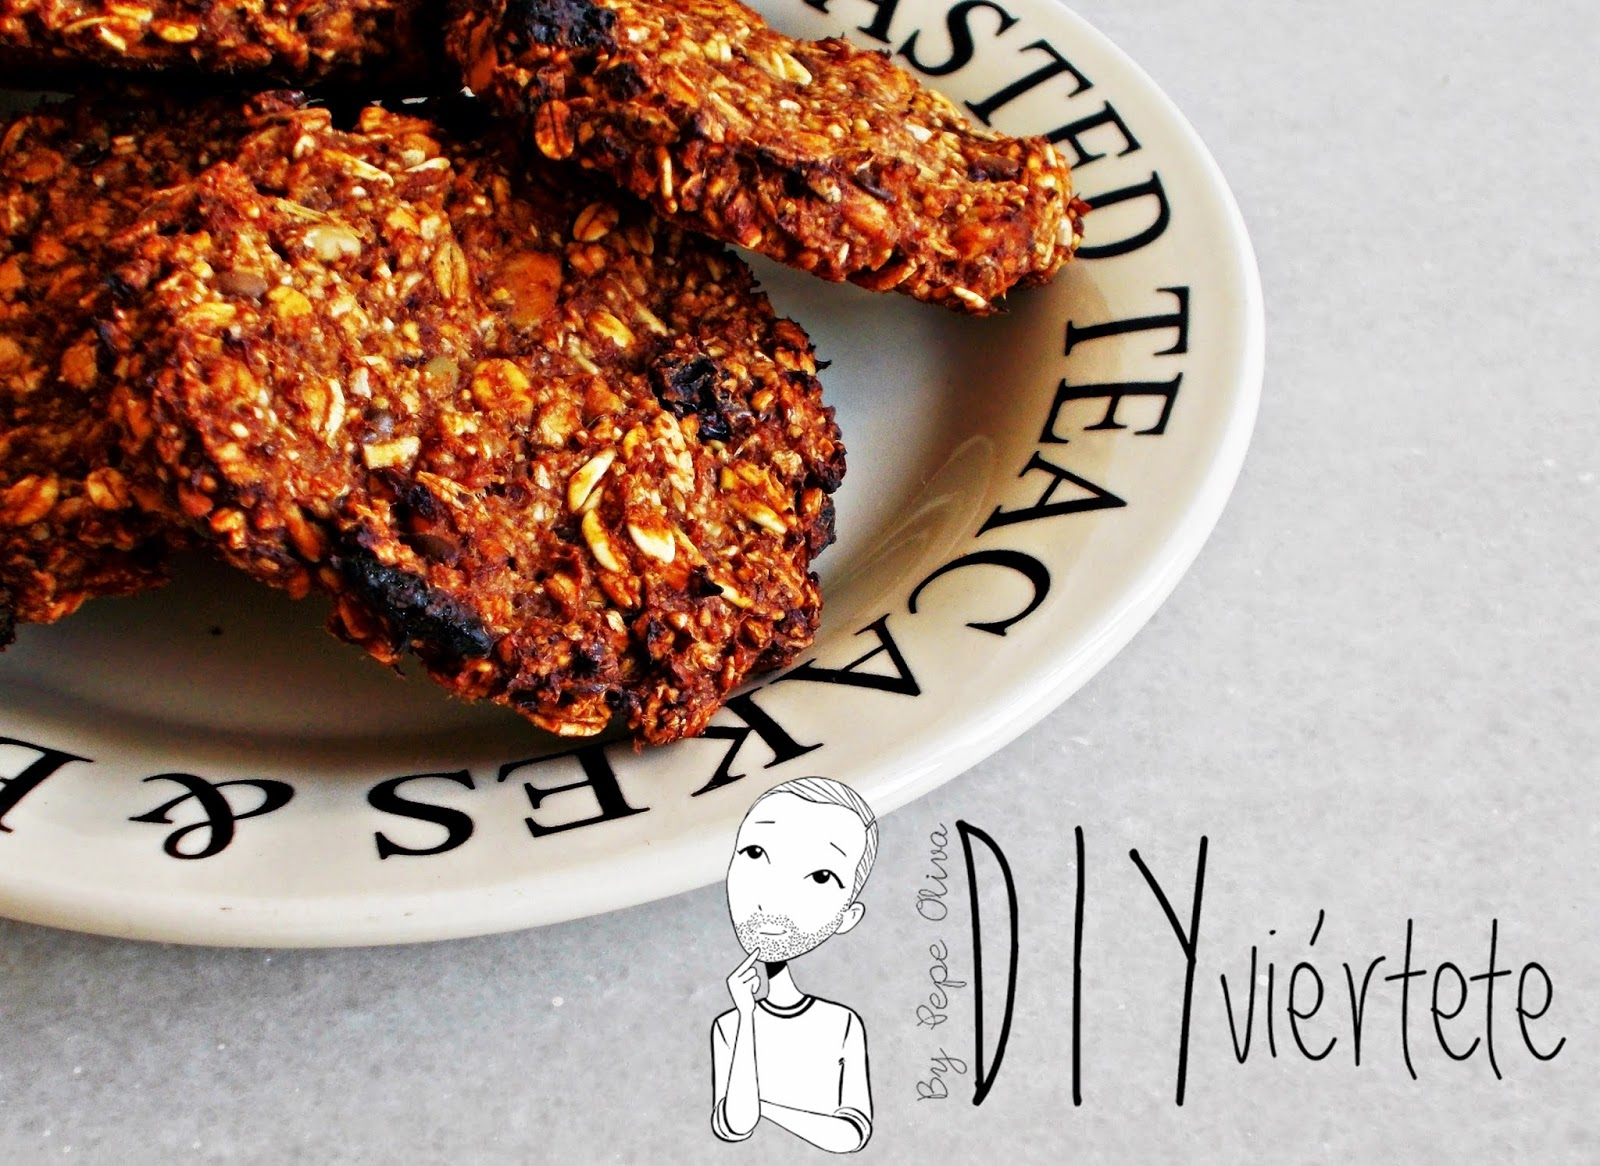 Galletas de avena y plátano-cocina-repostería-fitnes-deporte-gym-ligth-1